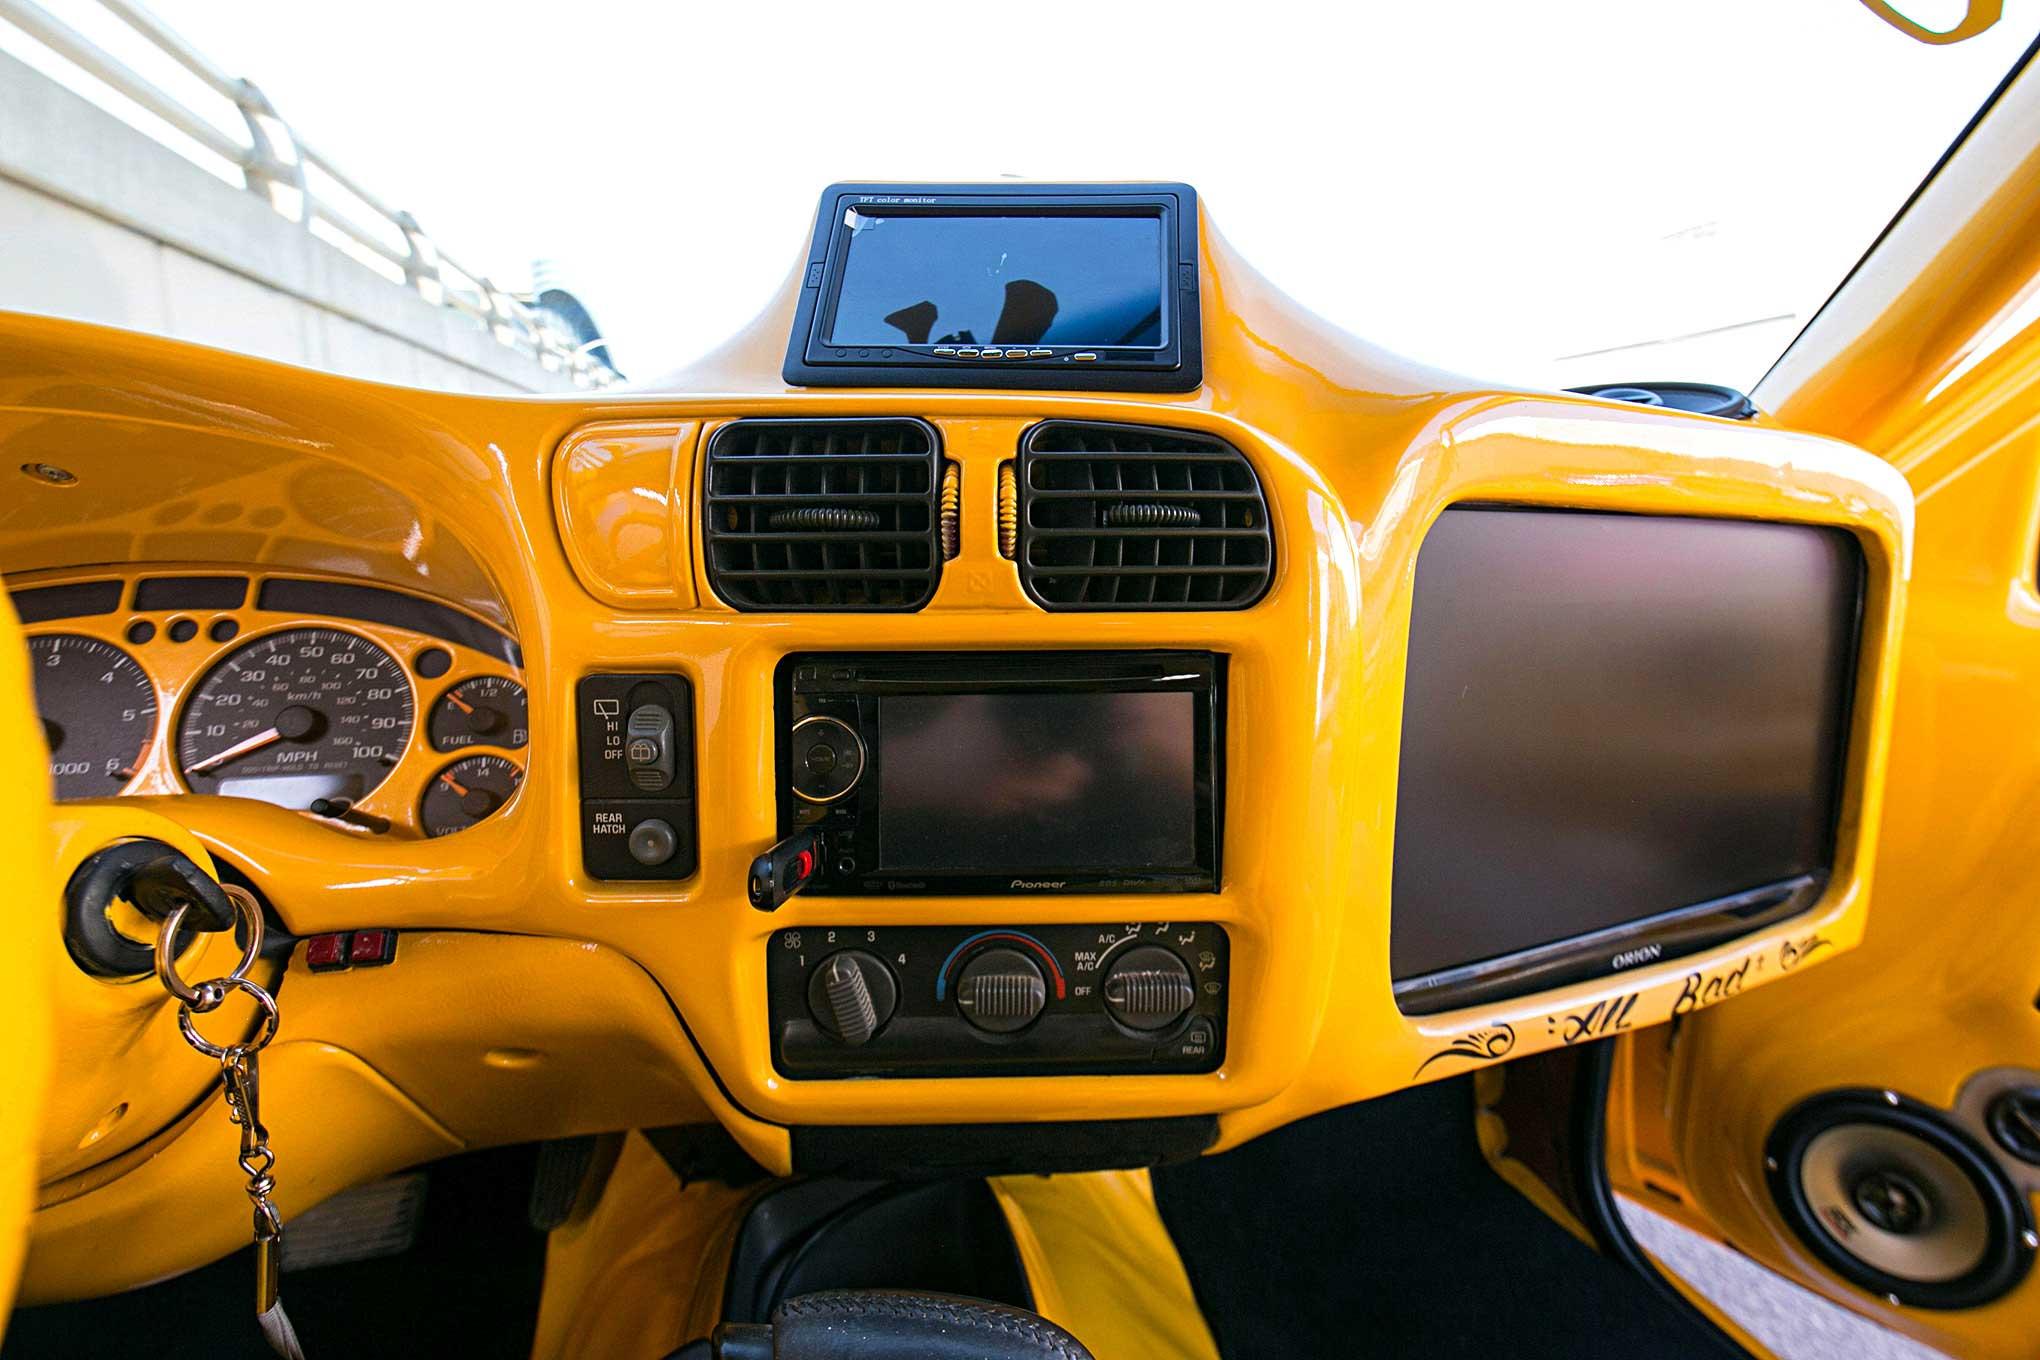 2003 chevrolet blazer xtreme custom dashboard monitor lowrider 2003 chevrolet blazer xtreme custom